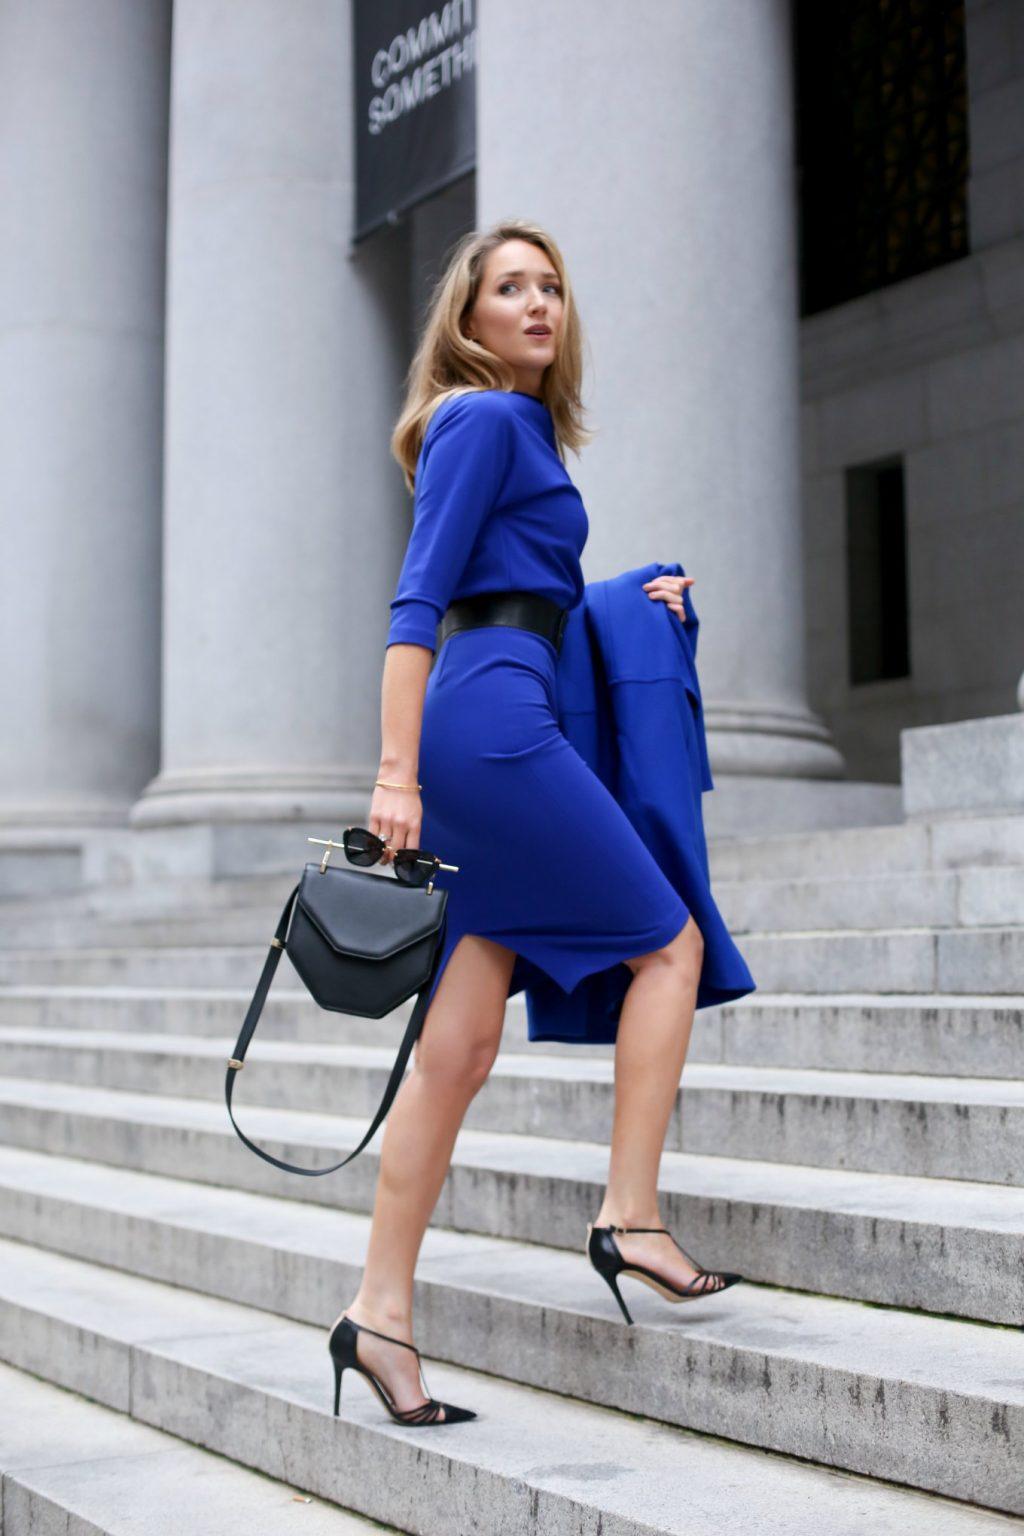 trang phục phỏng vấn đầm xanh túi xách đen giày cao gót đen